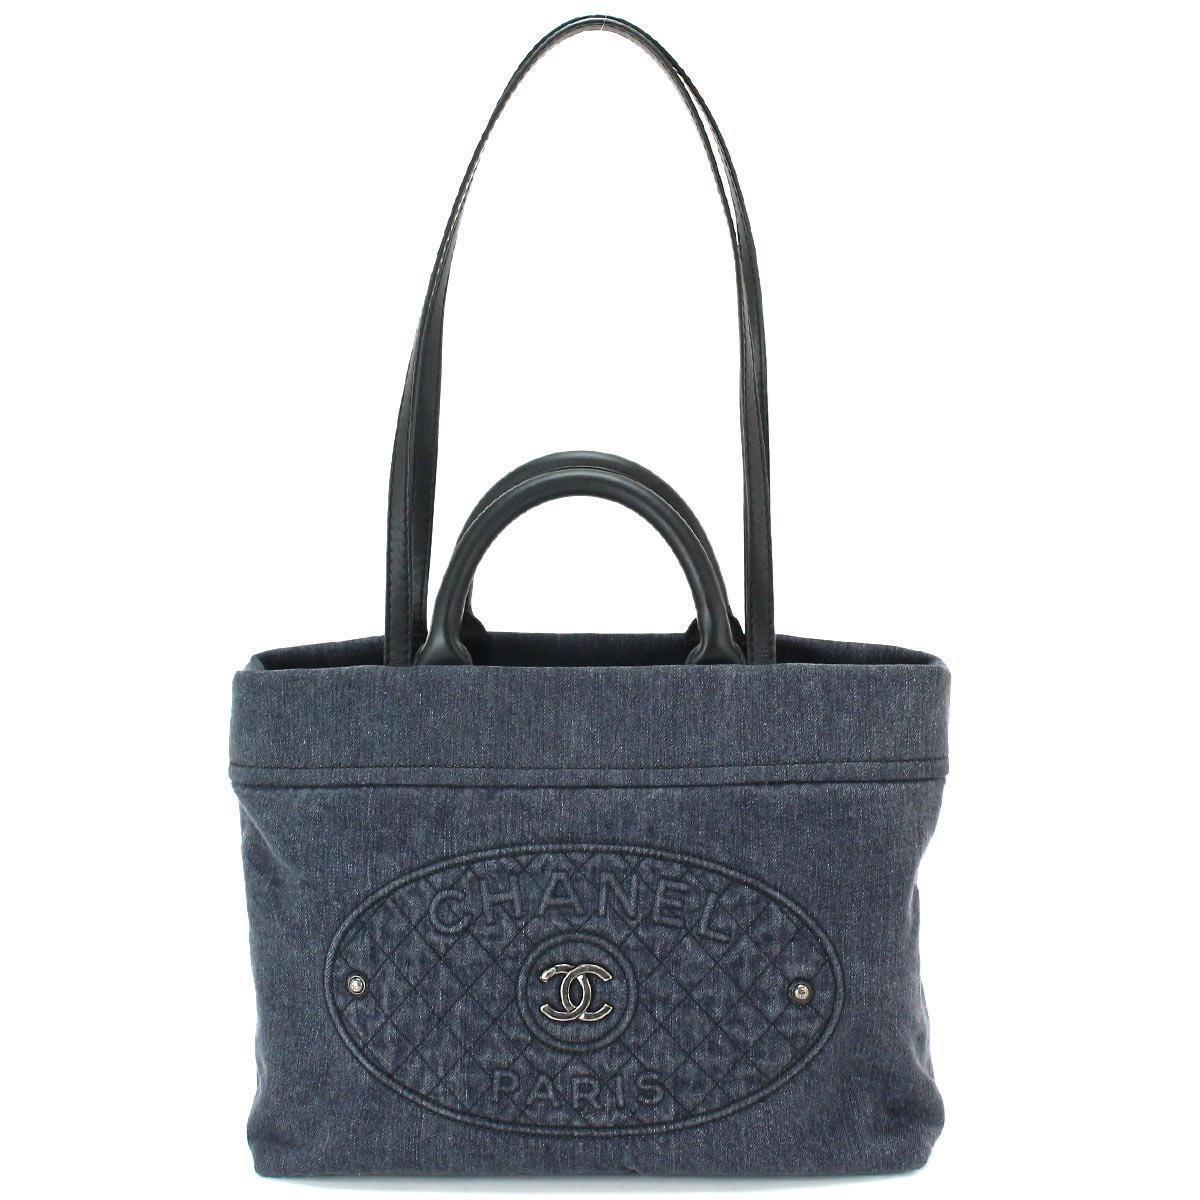 44d76ee6cf03 Chanel Denim 2way Tote Shoulder Bag Blue Black Leather A93373 ...